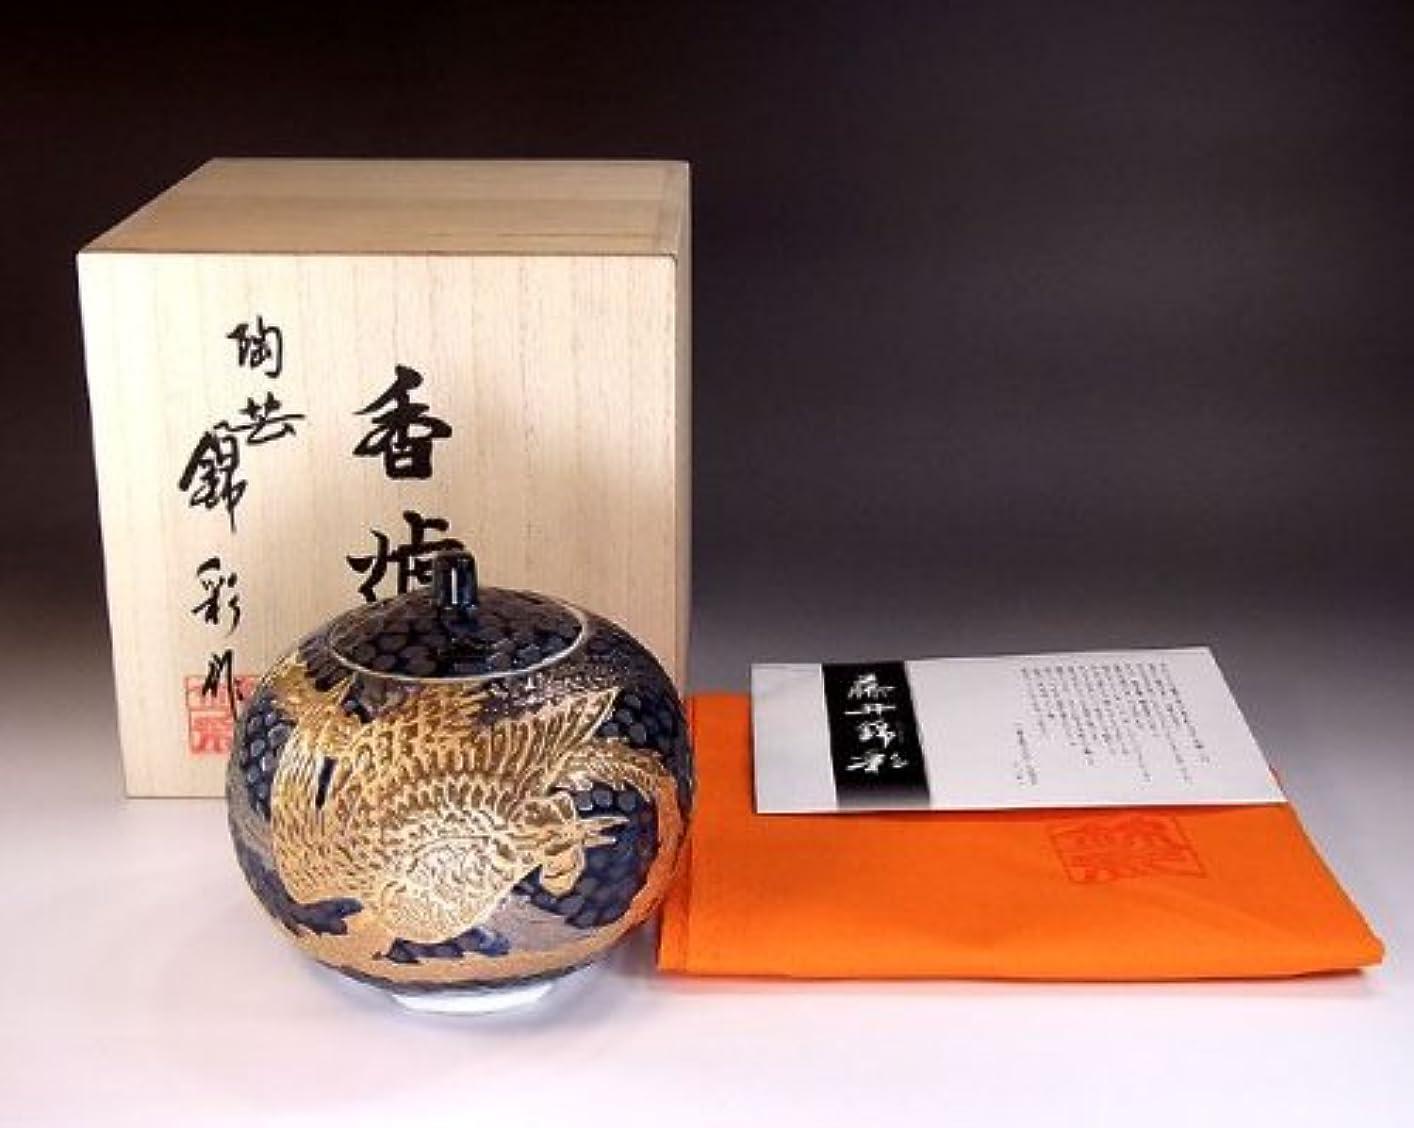 有田焼?伊万里焼の高級香炉陶器|贈答品|ギフト|記念品|贈り物|鳳凰絵?陶芸家 藤井錦彩